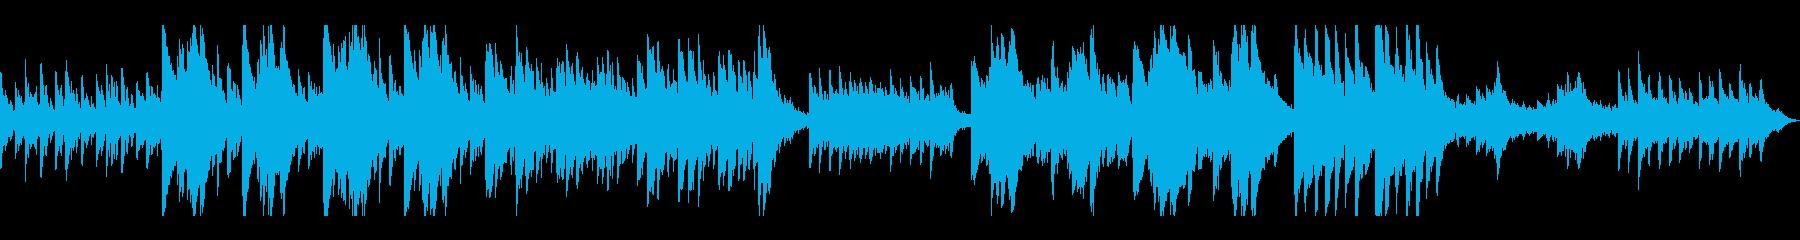 ダークなイメージのピアノの再生済みの波形